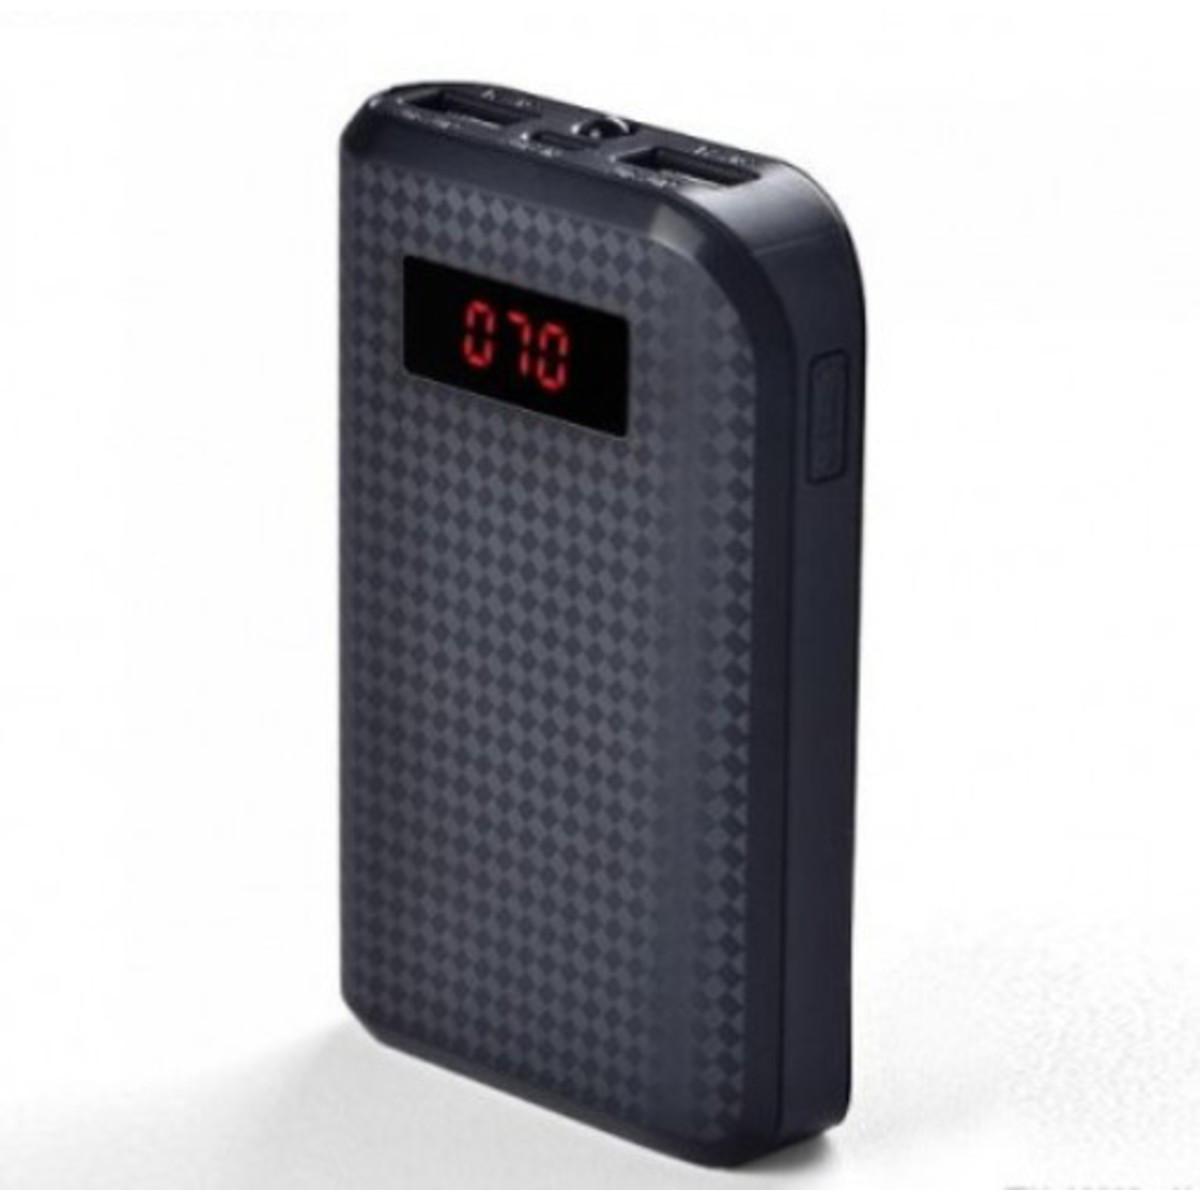 Купить PowerBank Proda Ling Long LCD PPL-11 Power Box 10000mAh black